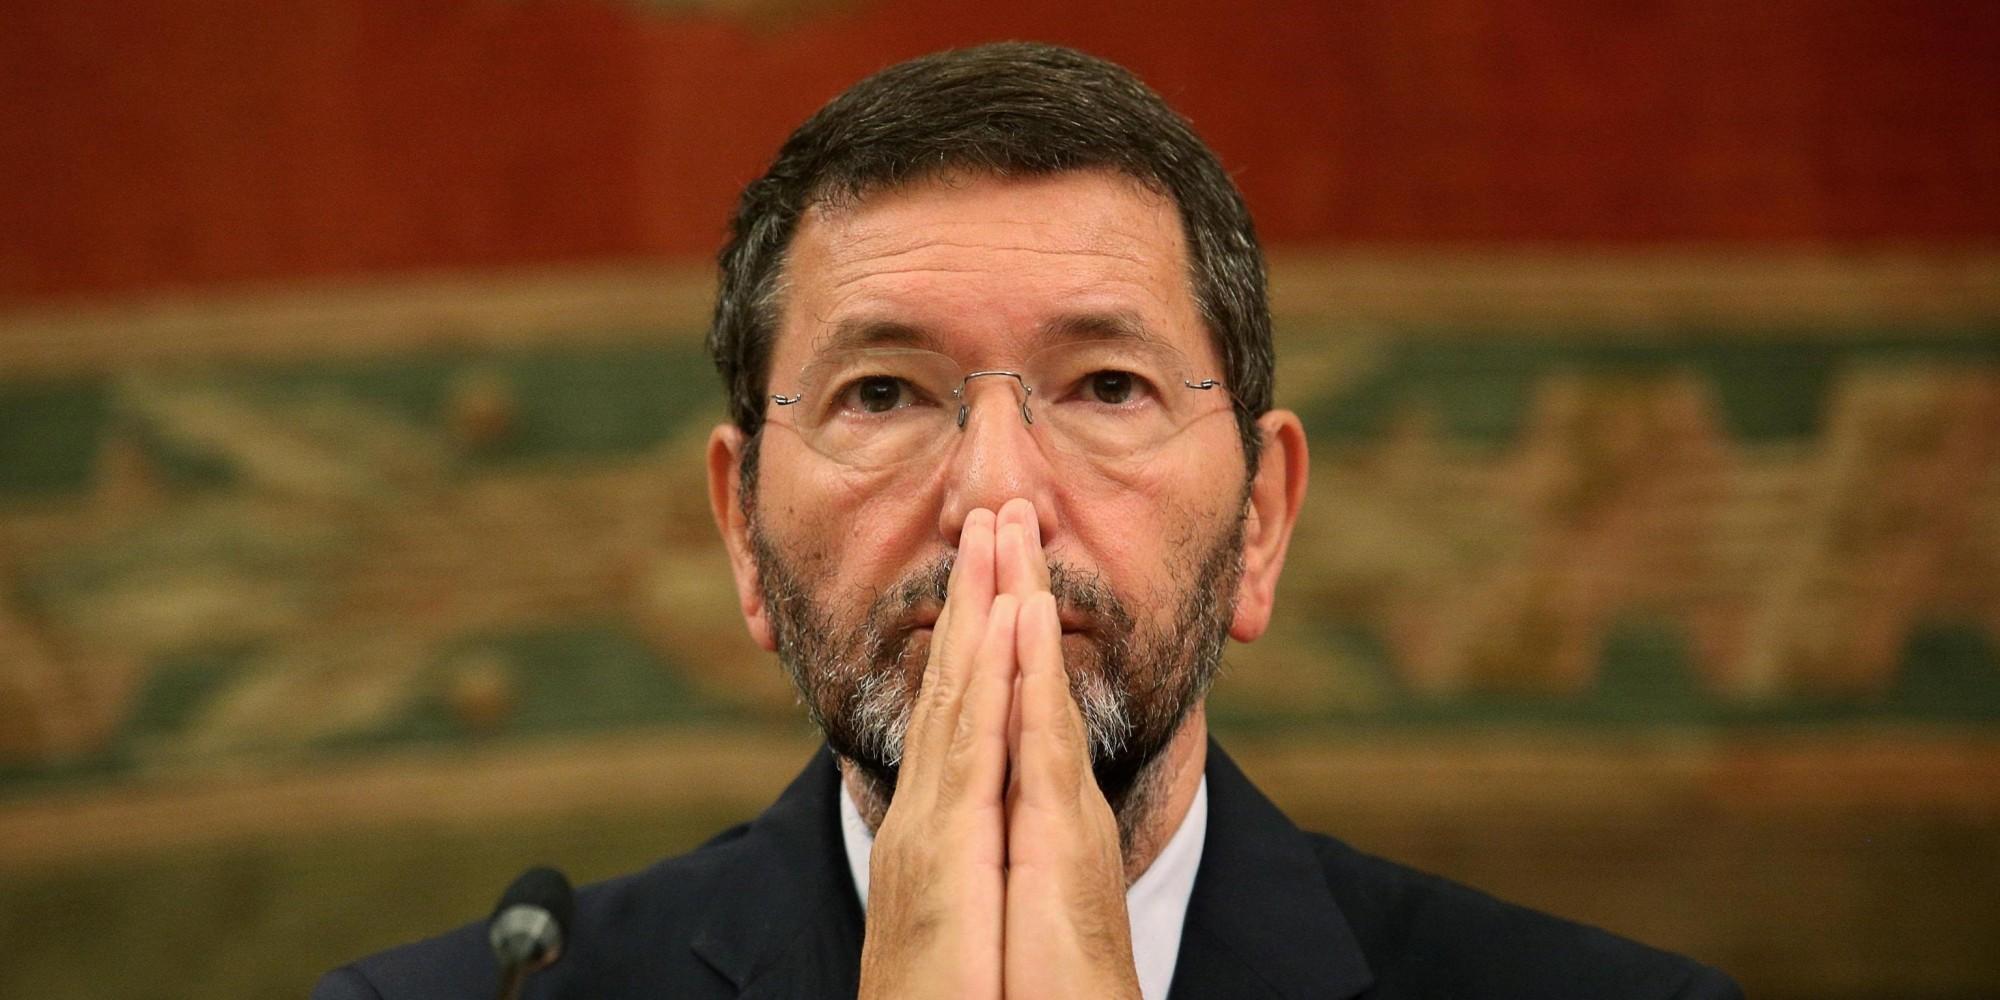 Caso scontrini, assolto l'ex sindaco della Capitale, Ignazio Marino, dalle accuse di falso, peculato...